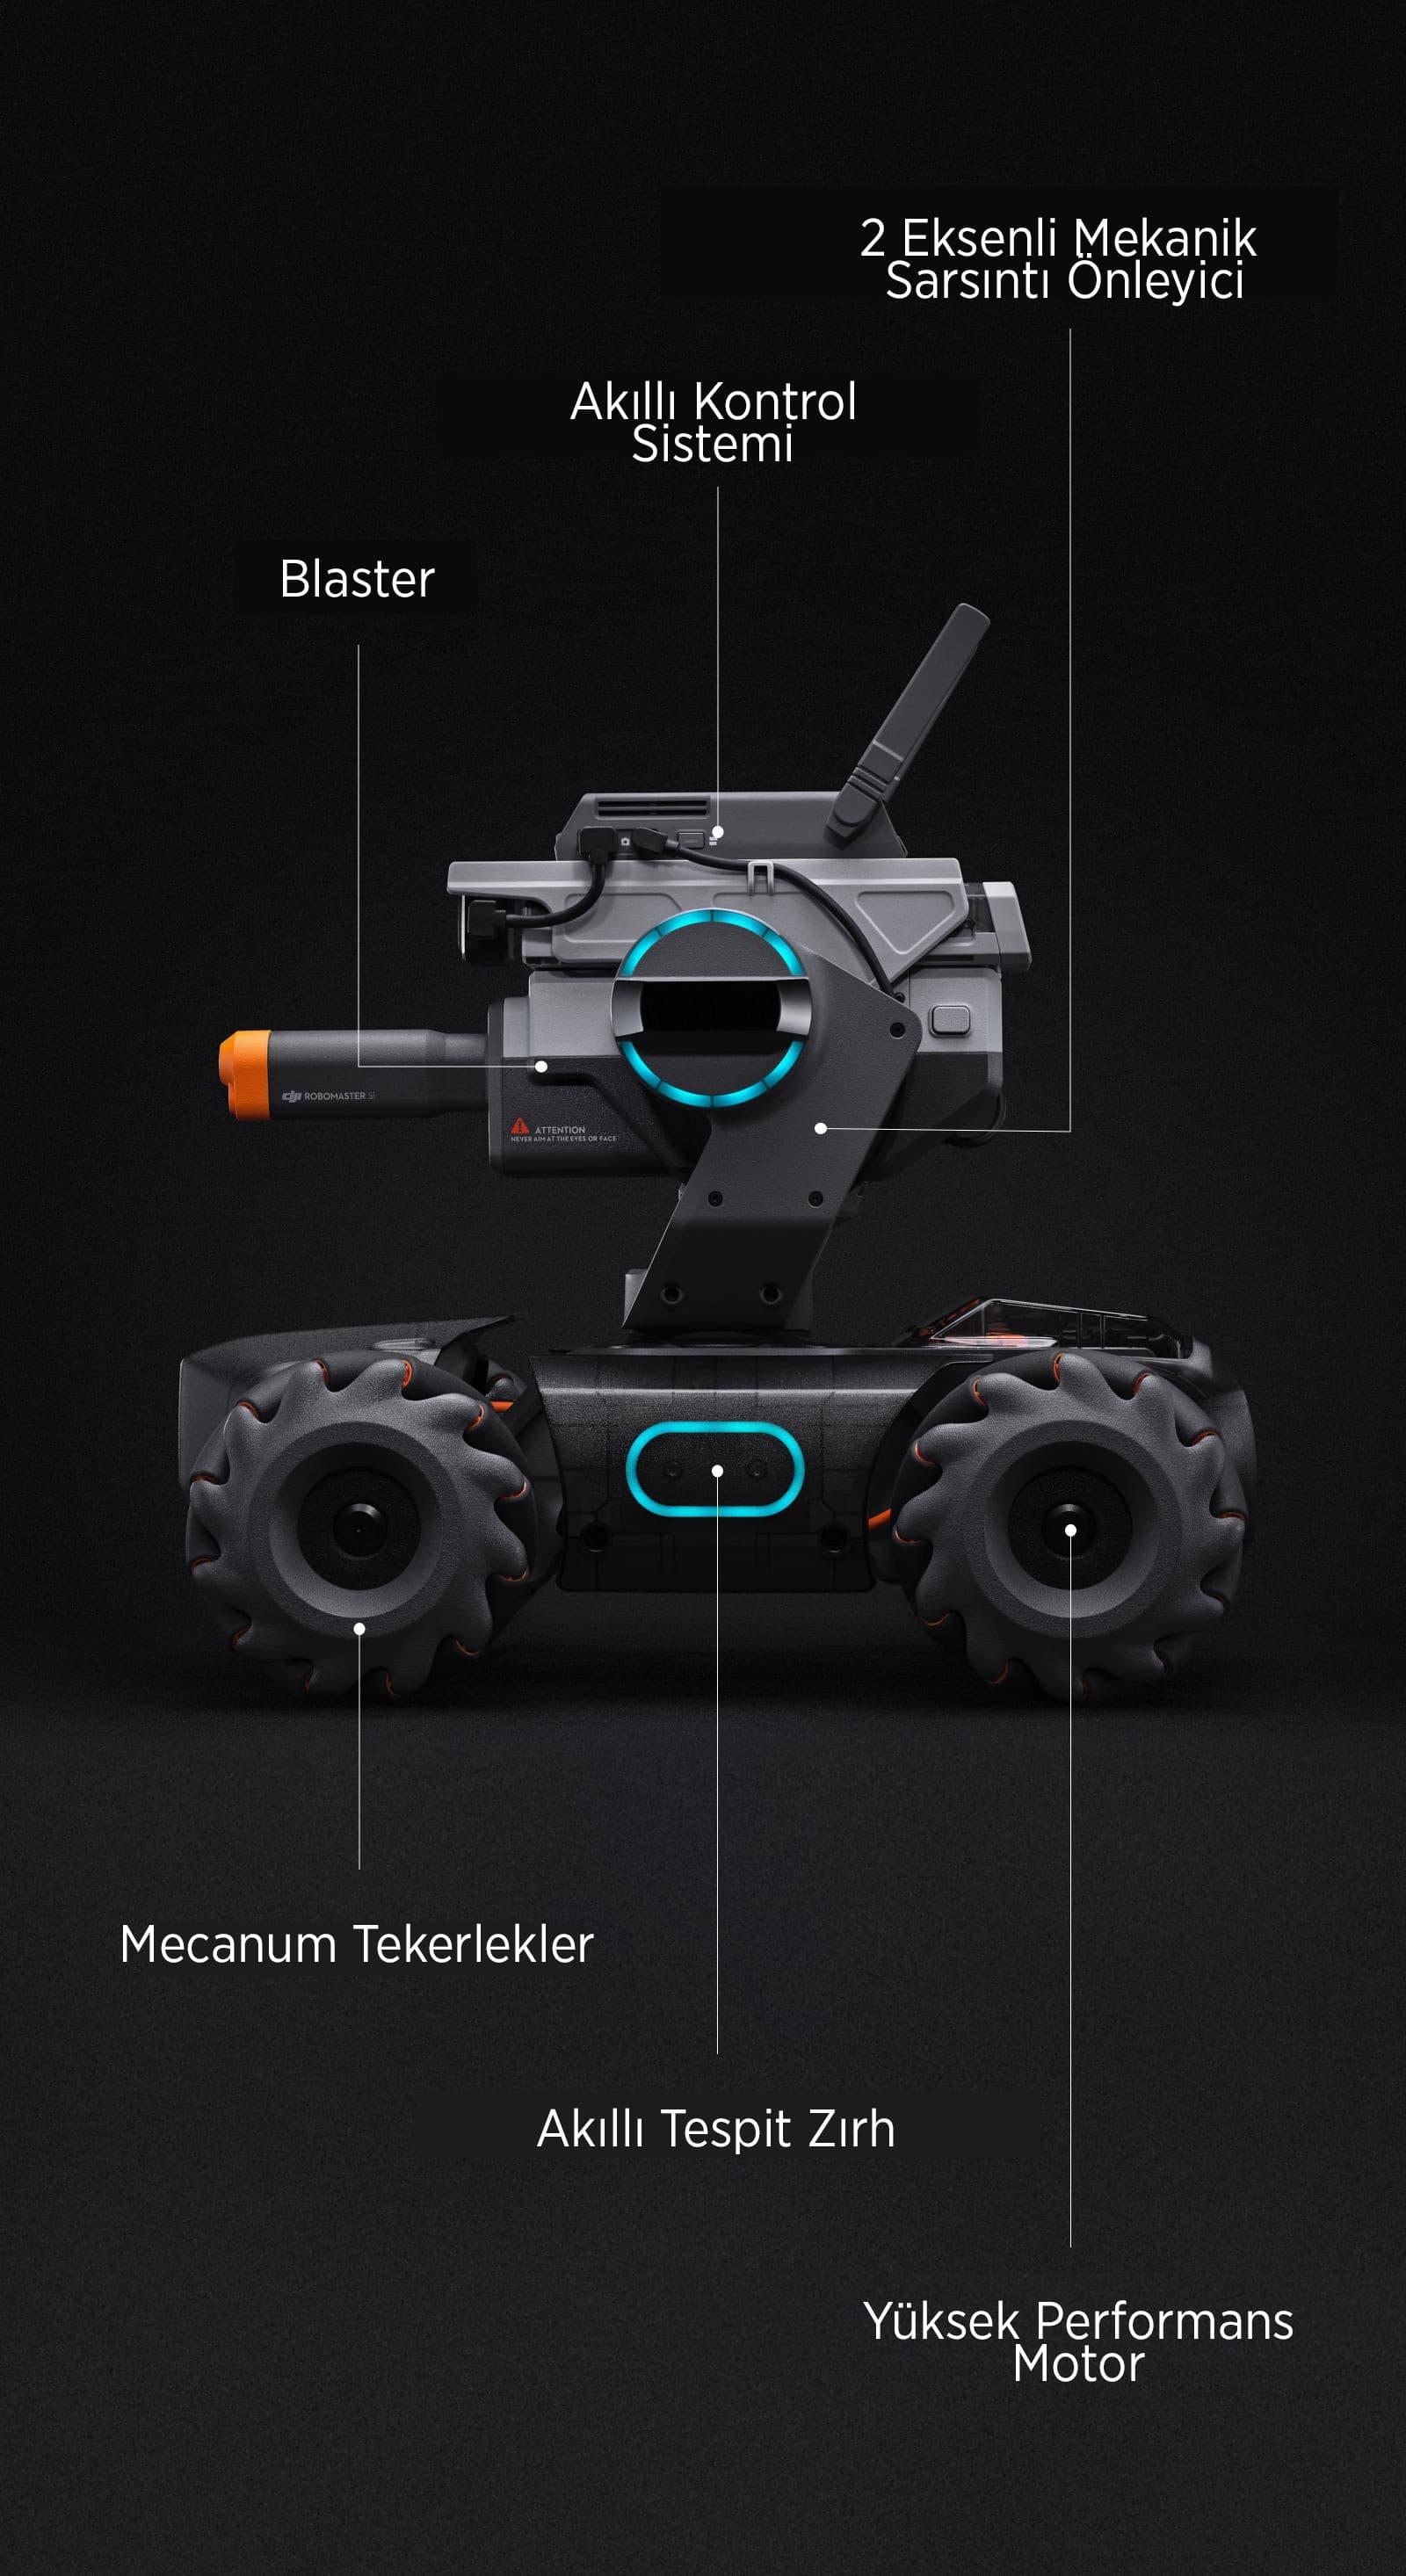 Robomaster S1 Build